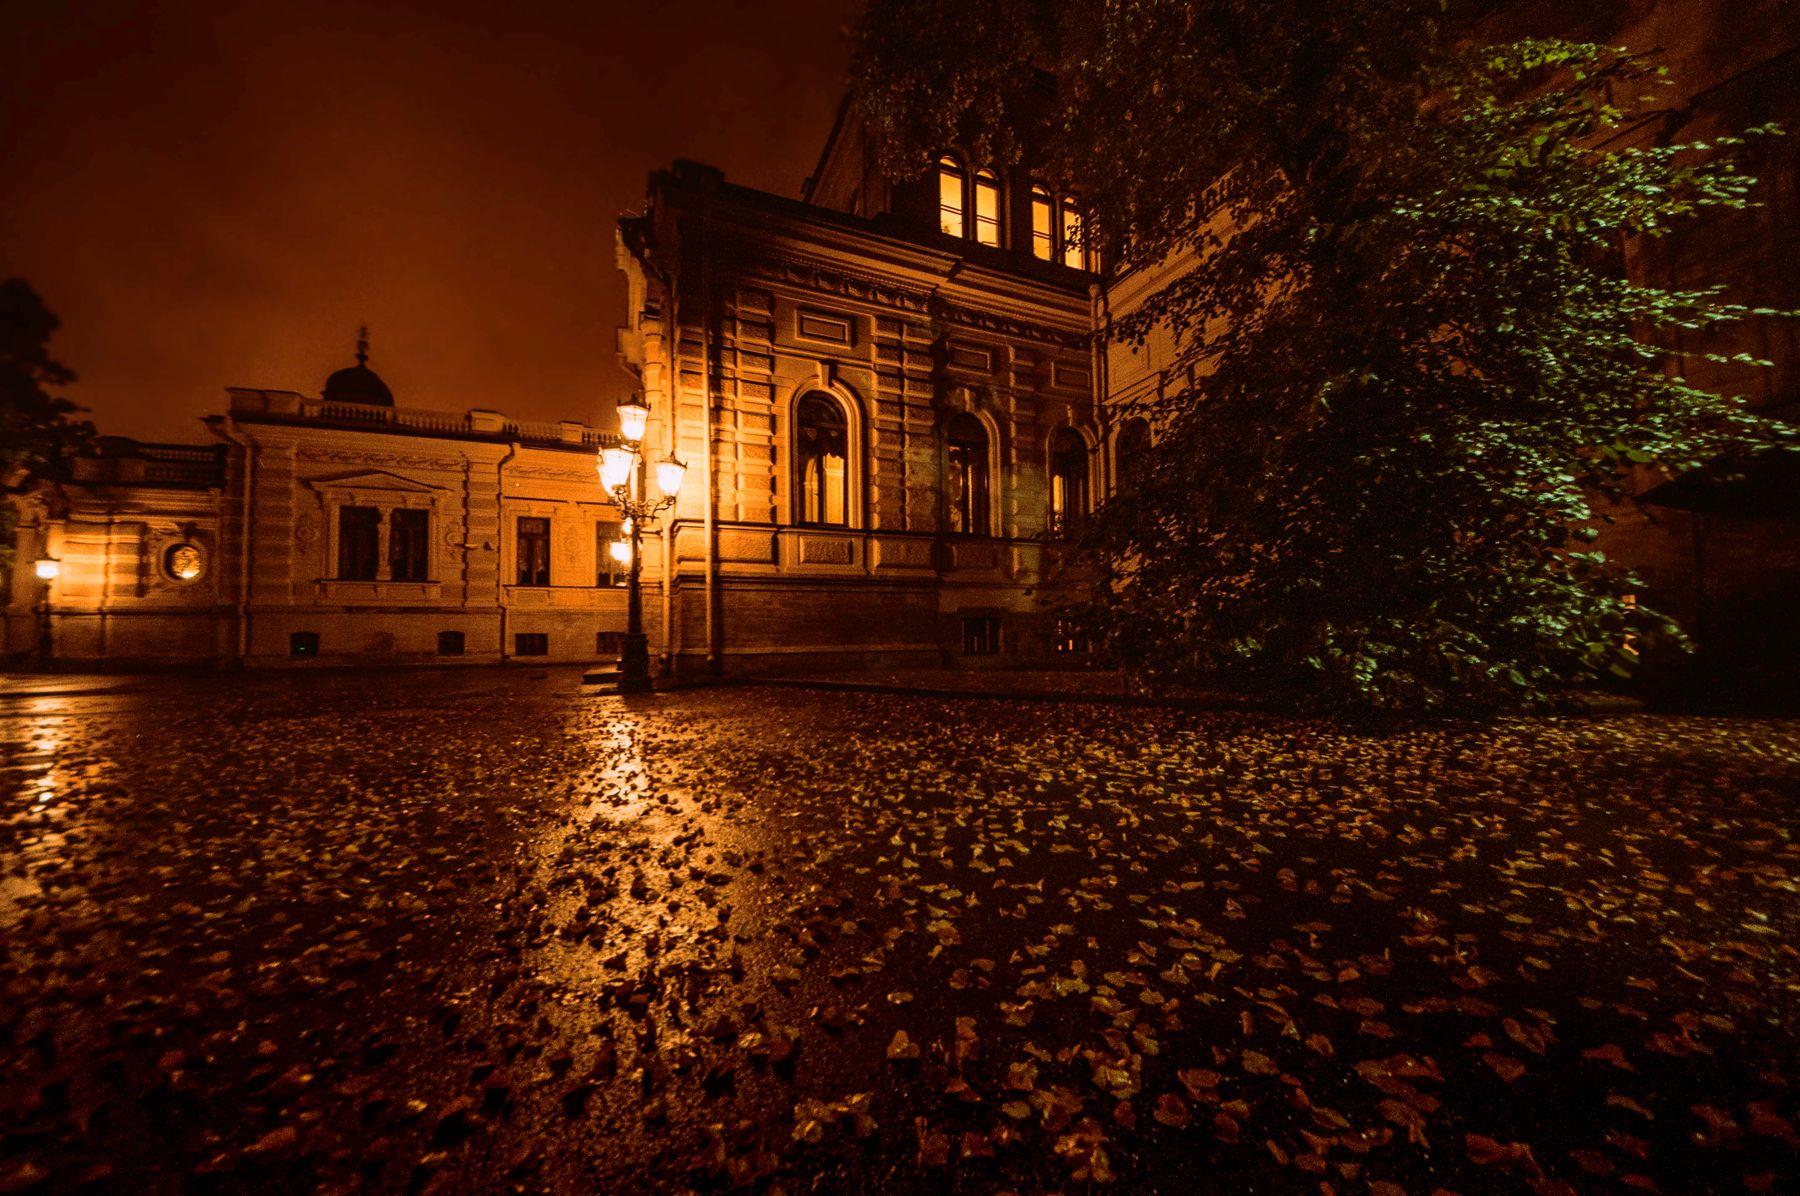 Осенний вечер в Коломне Санкт-Петербург осень листья Коломна